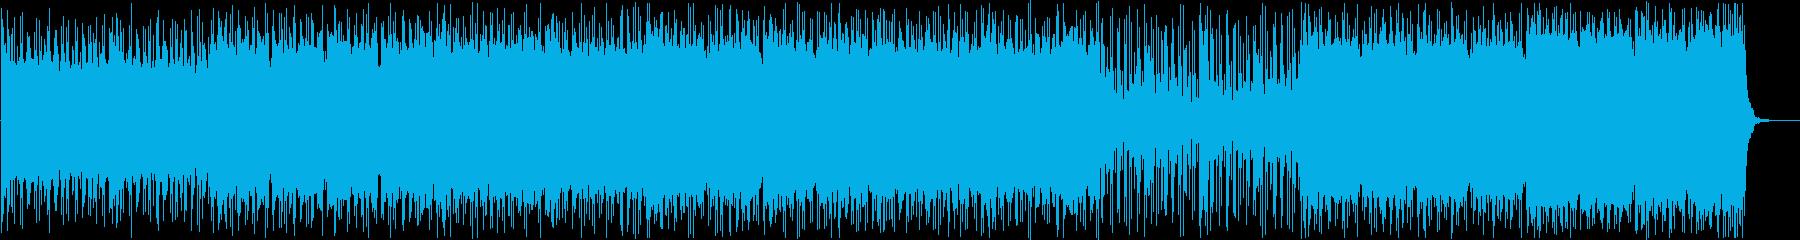 怪しい場面、事件やバトルに合うBGMの再生済みの波形